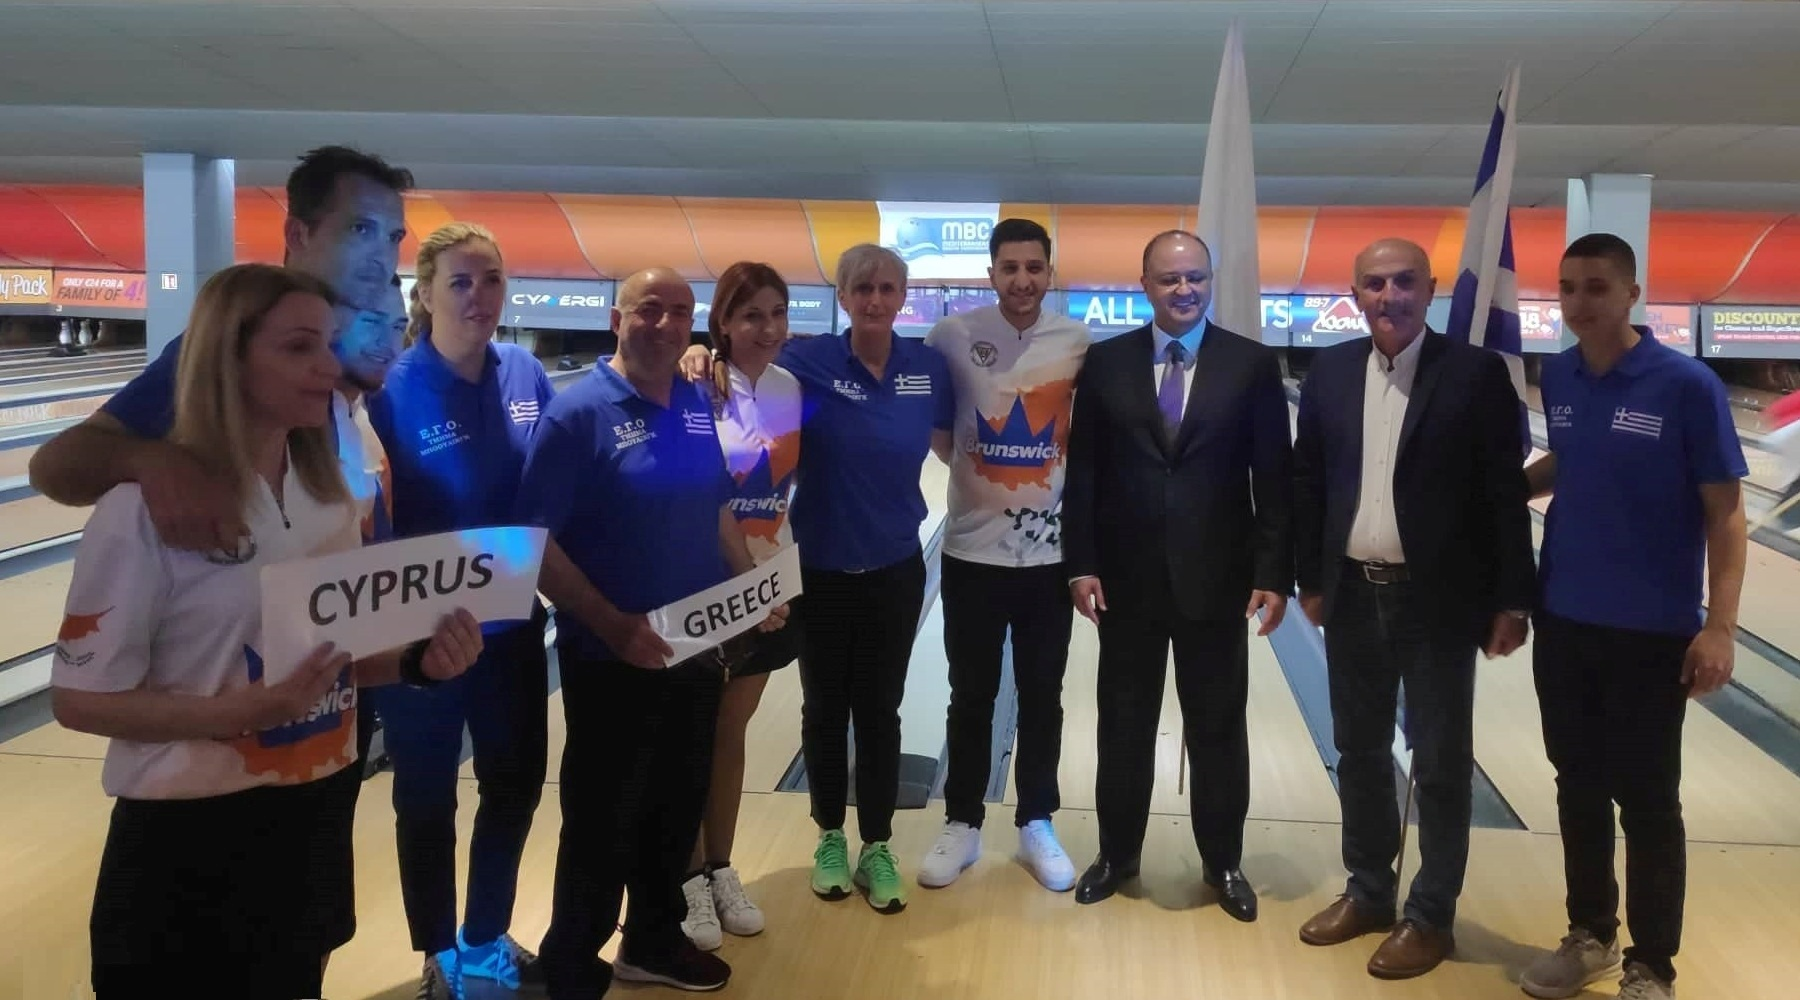 Ο πρόεδρος της Ε.Γ.Ο. Θανάσης Βασιλειάδης (δεύτερος από δεξιά), σε αναμνηστικό στιγμιότυπο με τον επικεφαλής της Παγκόσμιας Ομοσπονδίας Μπόουλινγκ, σεΐχη Ταλάλ Μοχάμεντ Αλ Σαμπάχ (τρίτος από δεξιά) και τις αντιπροσωπευτικές ομάδες της Ελλάδας και της Κύπρου, οι οποίες συμμετέχουν στο Μεσογειακό Πρωτάθλημα Μπόουλινγκ ανδρών - γυναικών στη Μάλτα.